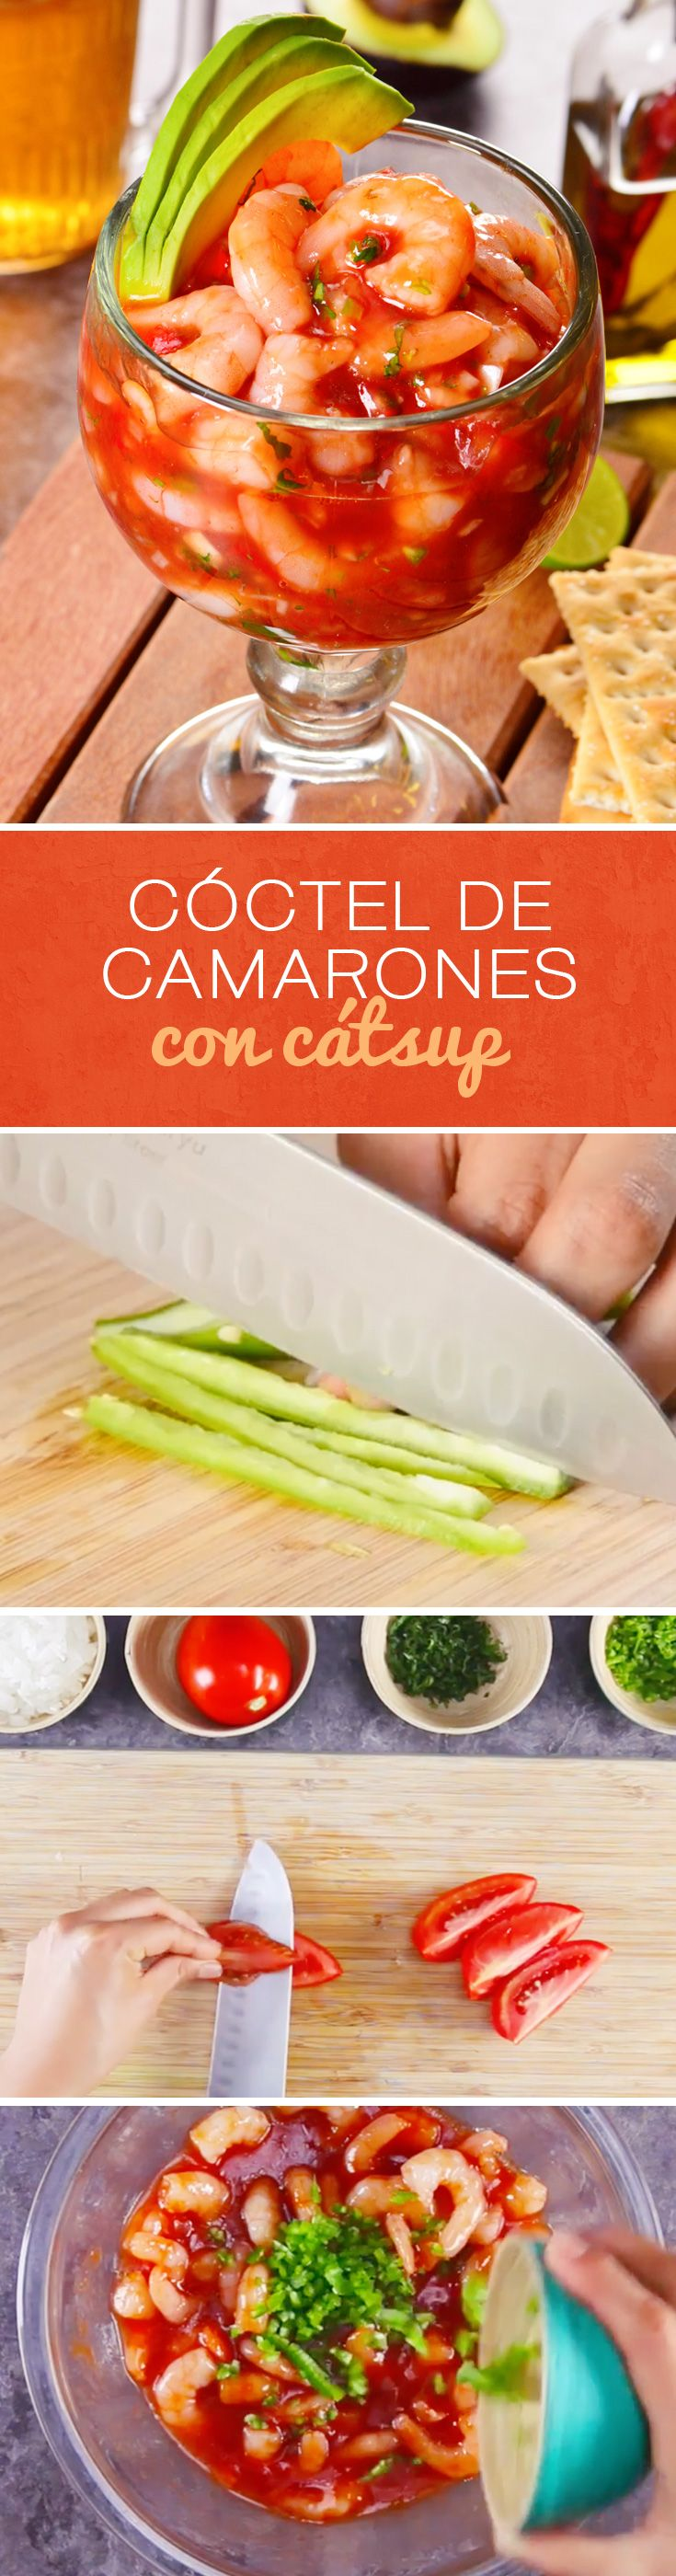 Receta de cóctel de camarones con cátsup al estilo mexicano. Este cóctel de mariscos es una de las mejores recetas para #cuaresma